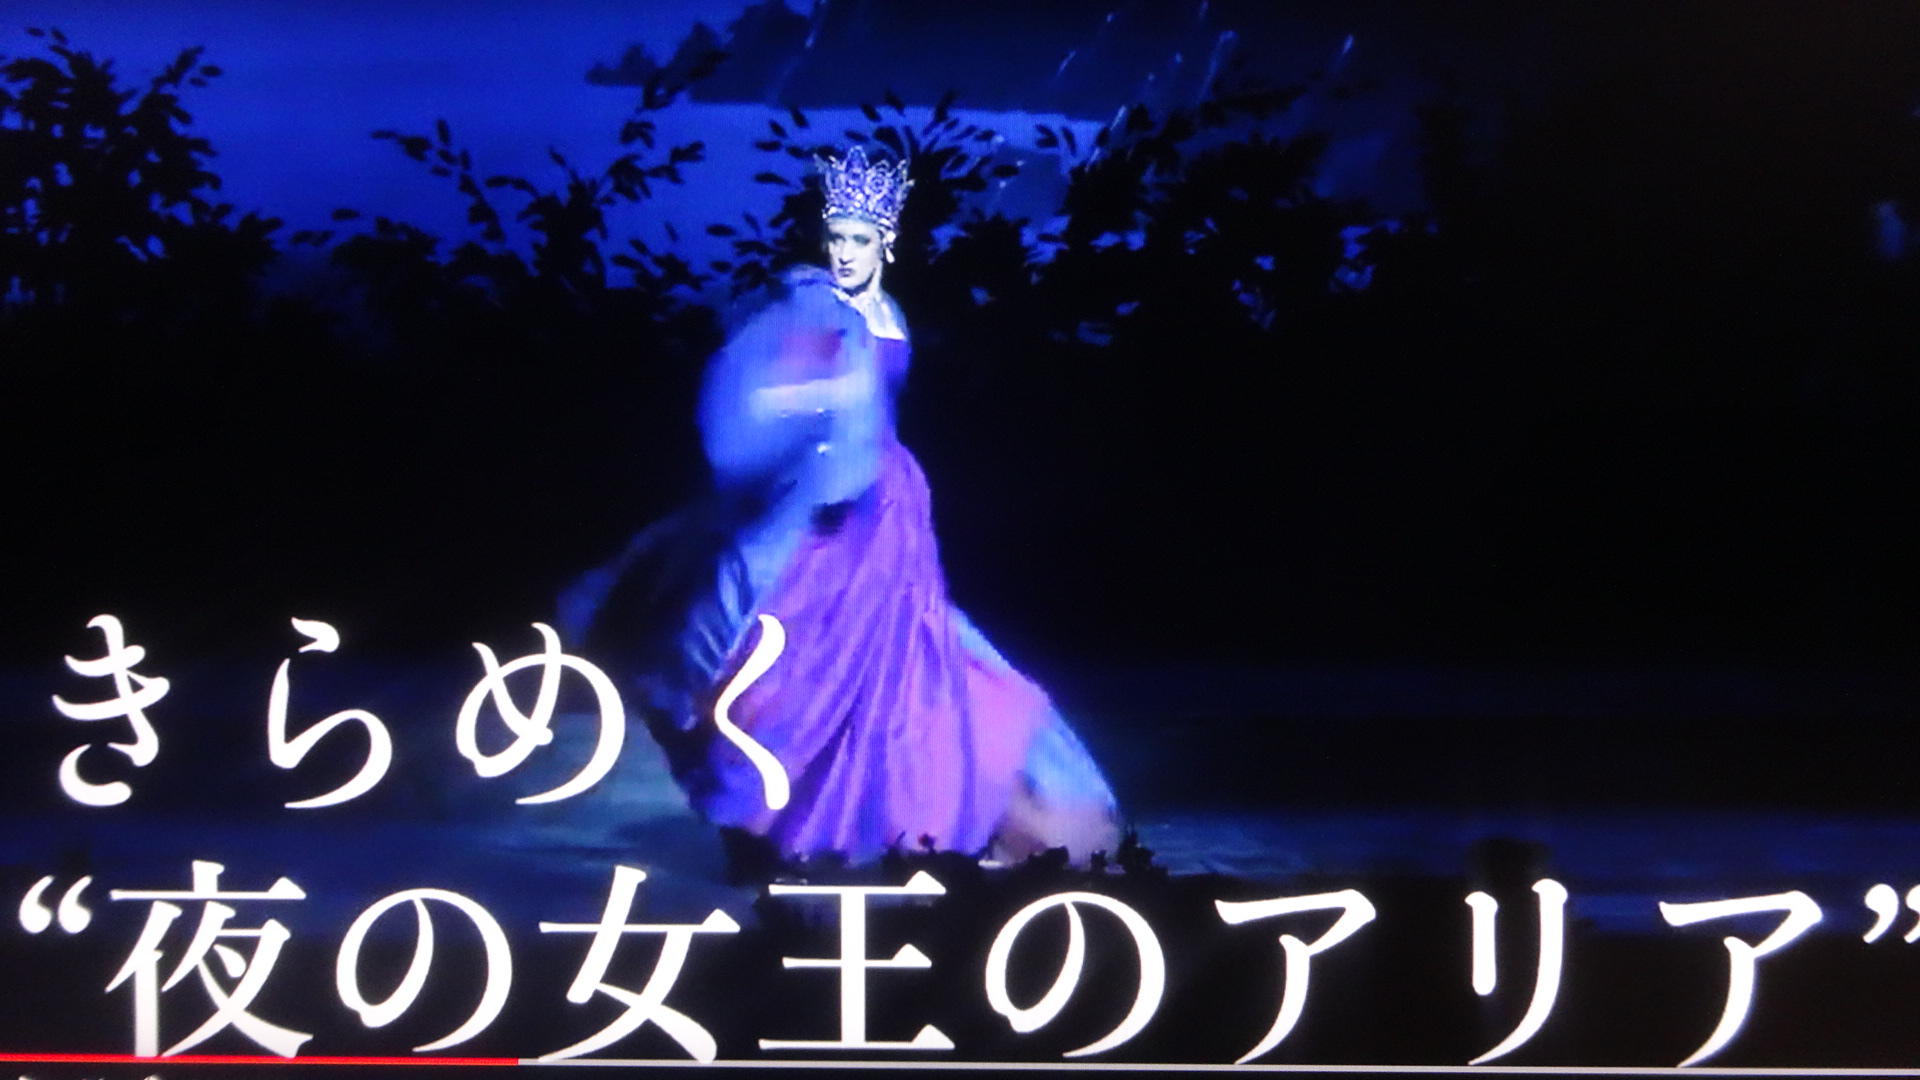 アリアを歌う夜の女王